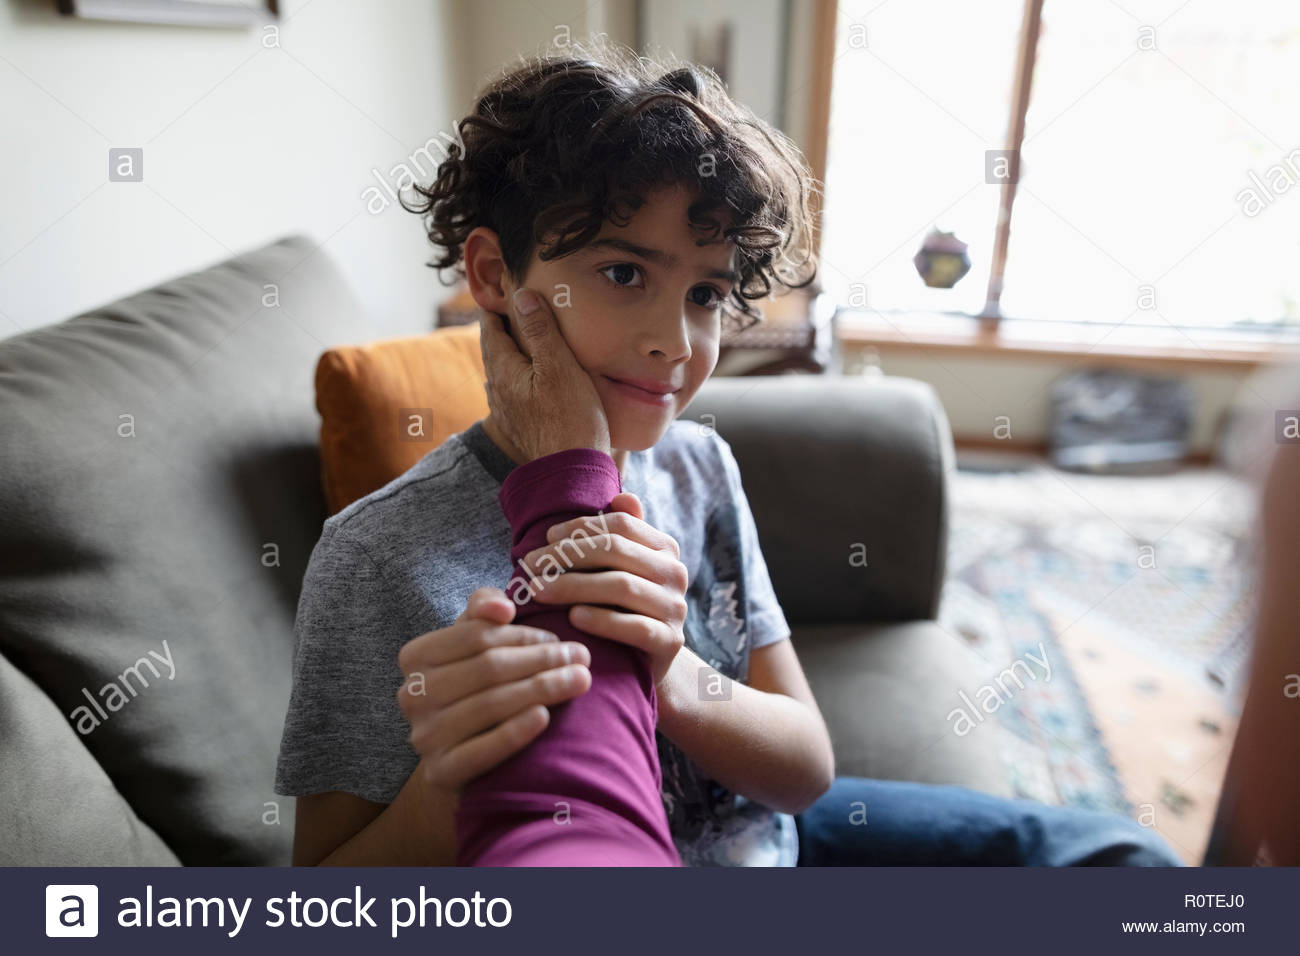 Nonna affettuosa di toccare la faccia del nipote Latinx sul divano Immagini Stock